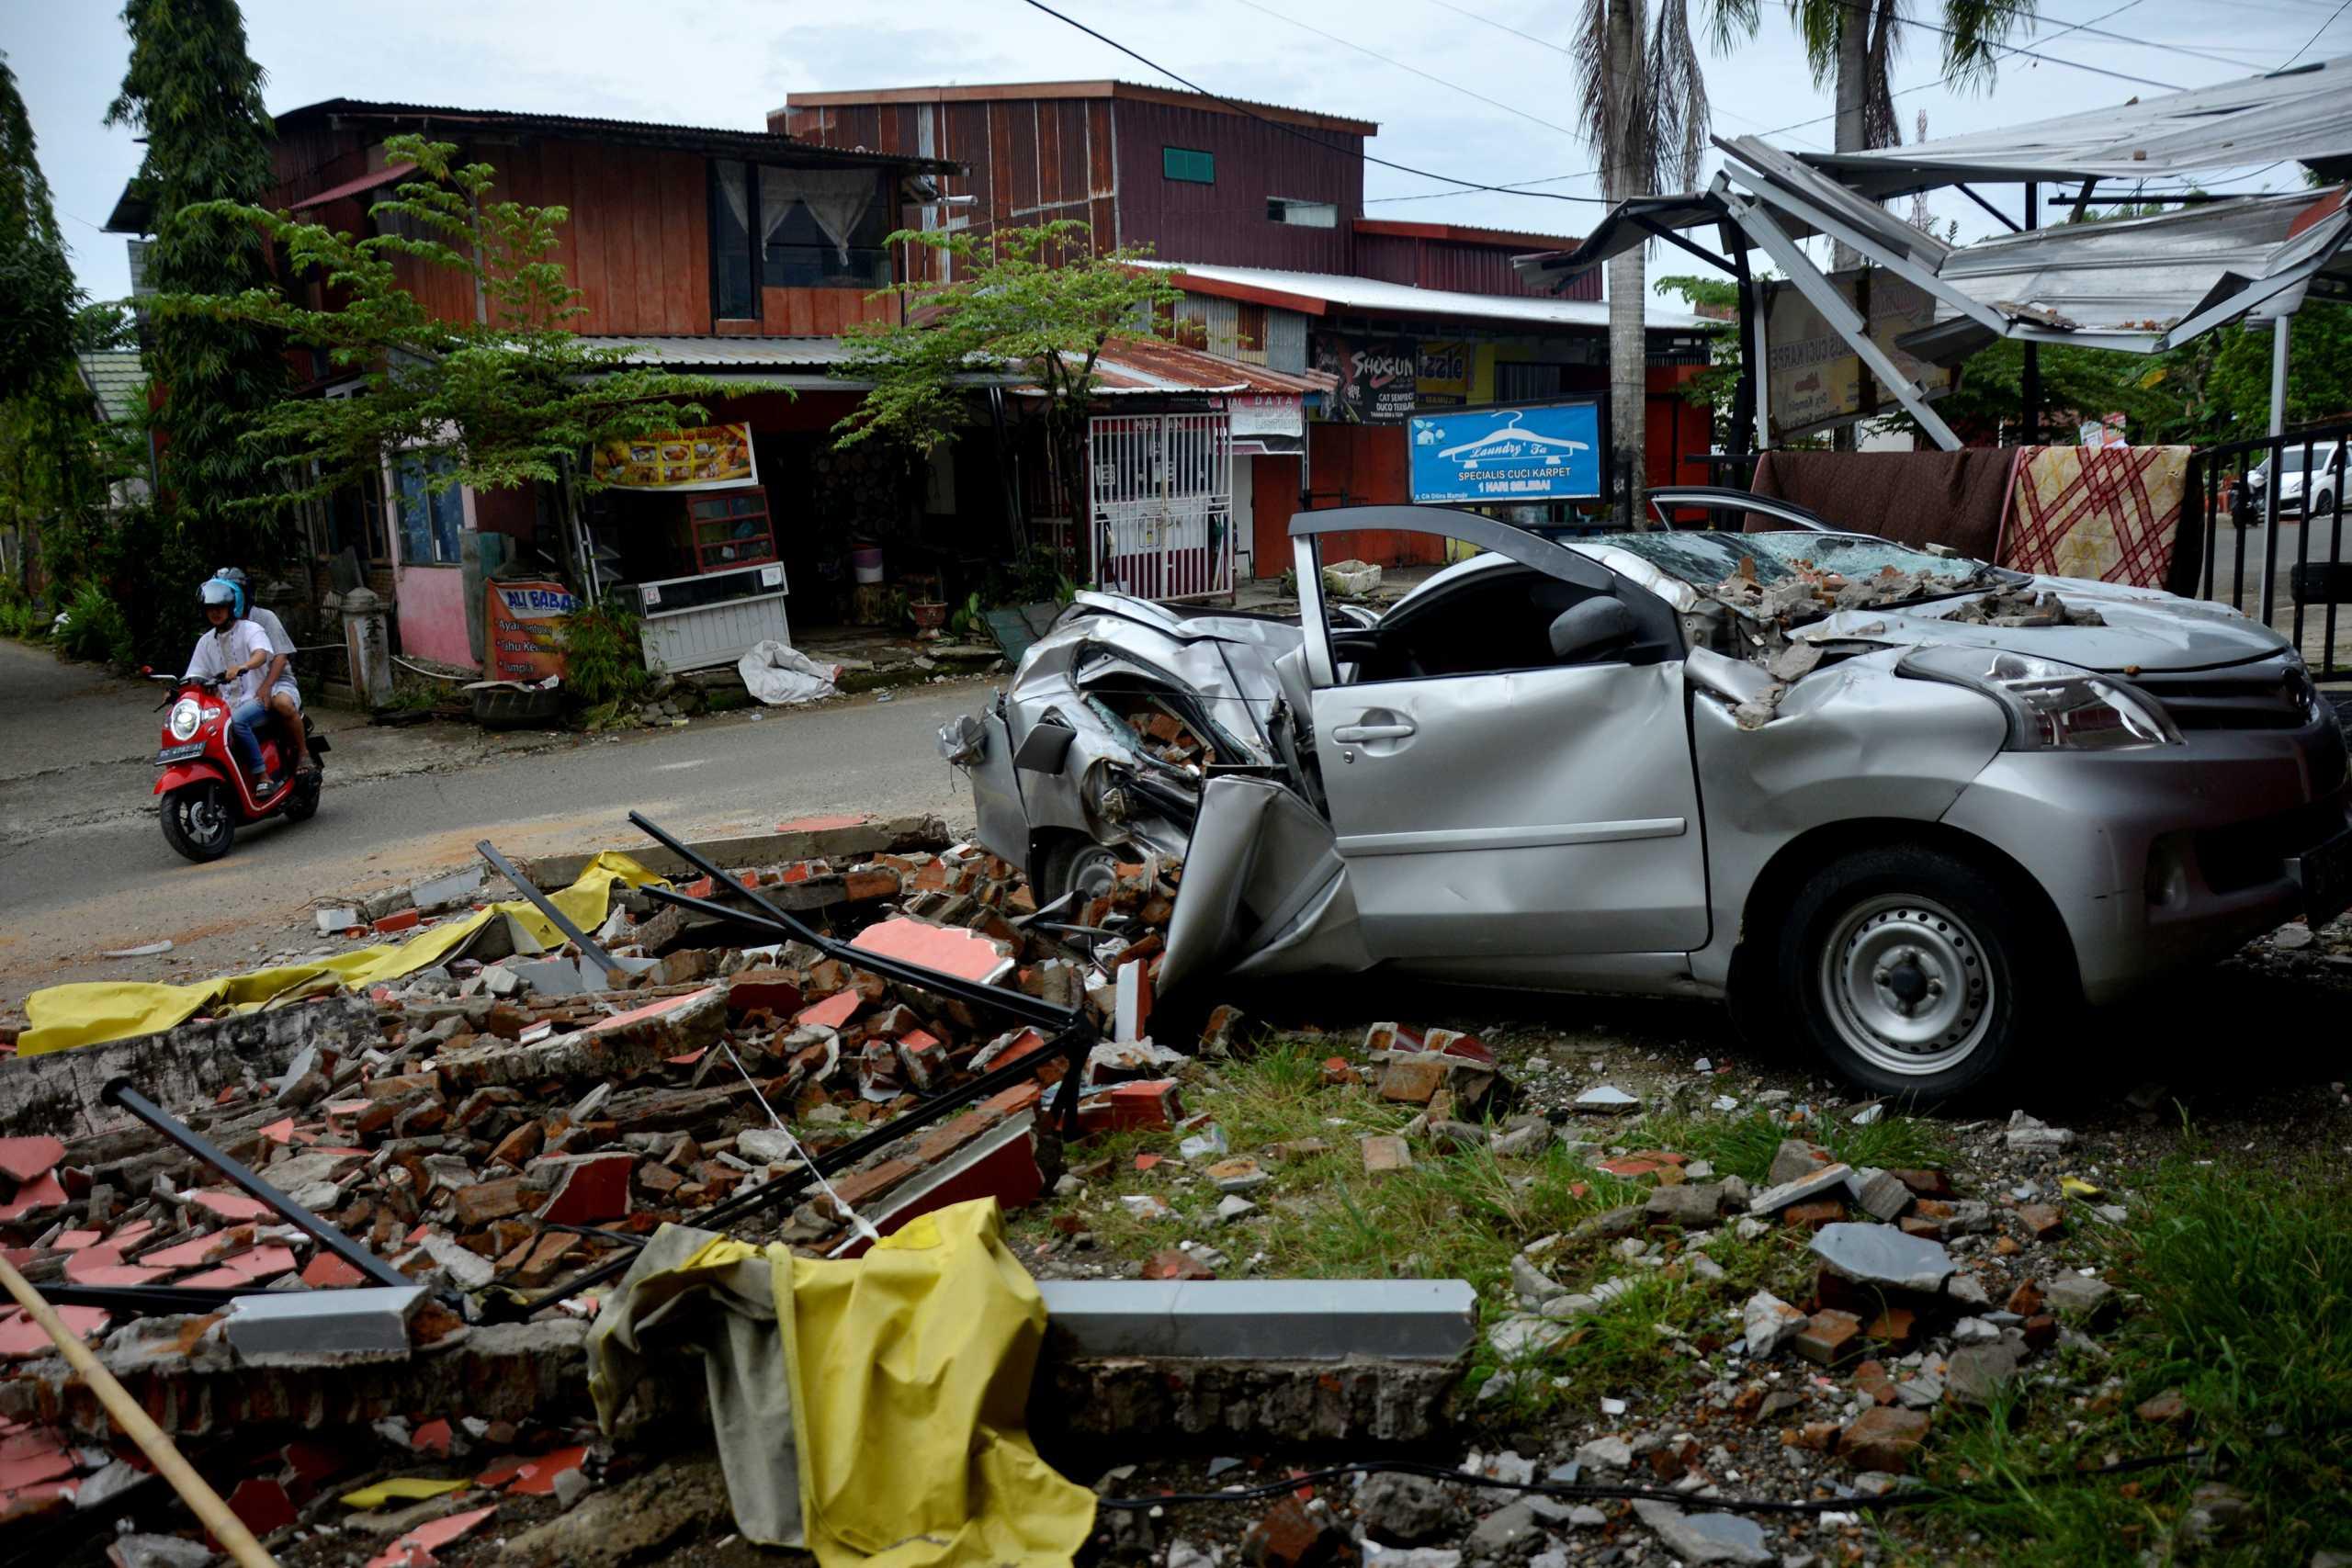 Στο έλεος της φύσης η Ινδονησία: Καταρρακτώδεις βροχές μετά τον καταστροφικό σεισμό (pics)